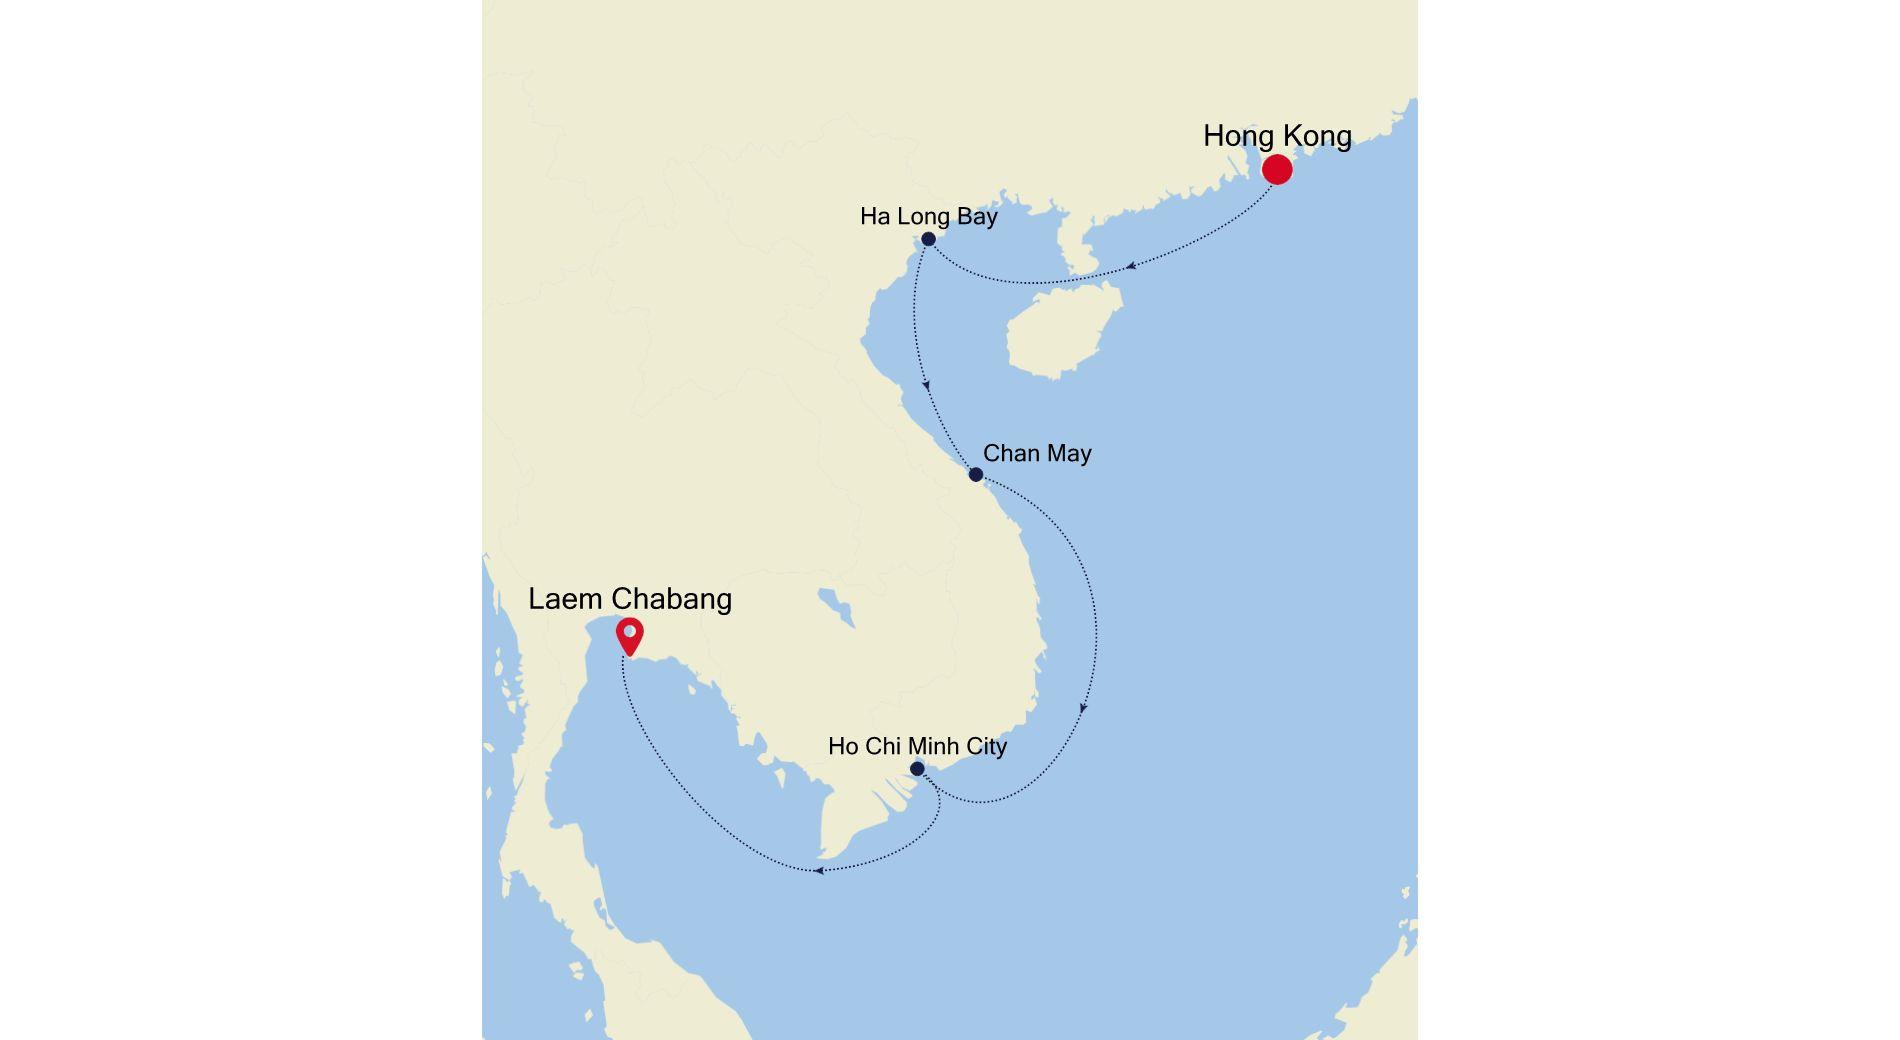 5004A - Hong Kong to Laem Chabang